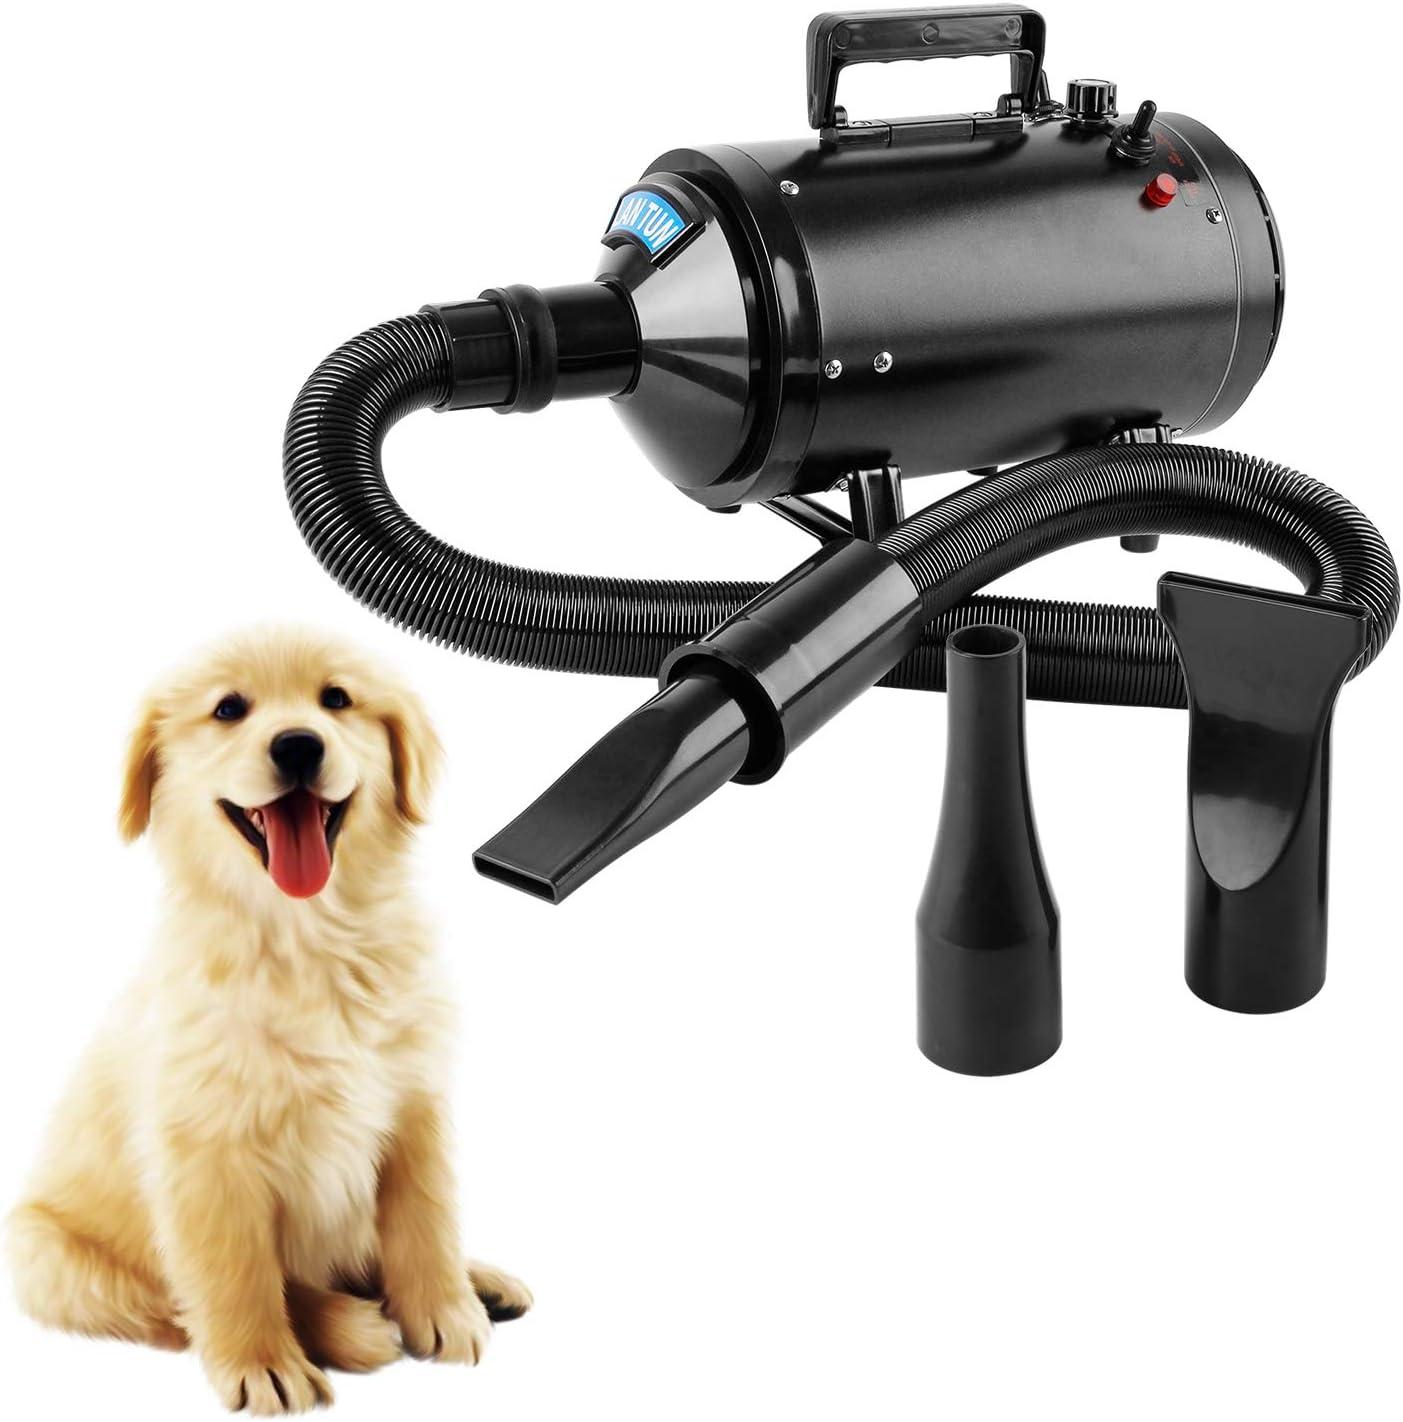 Wilktop Secador de Pelo para Perros, Perros Cuidado Secador Ajustable Velocidad del Viento y Rango de Temperatura para Peluquería Secador de Mascotas Secador de Pelo (2600W)